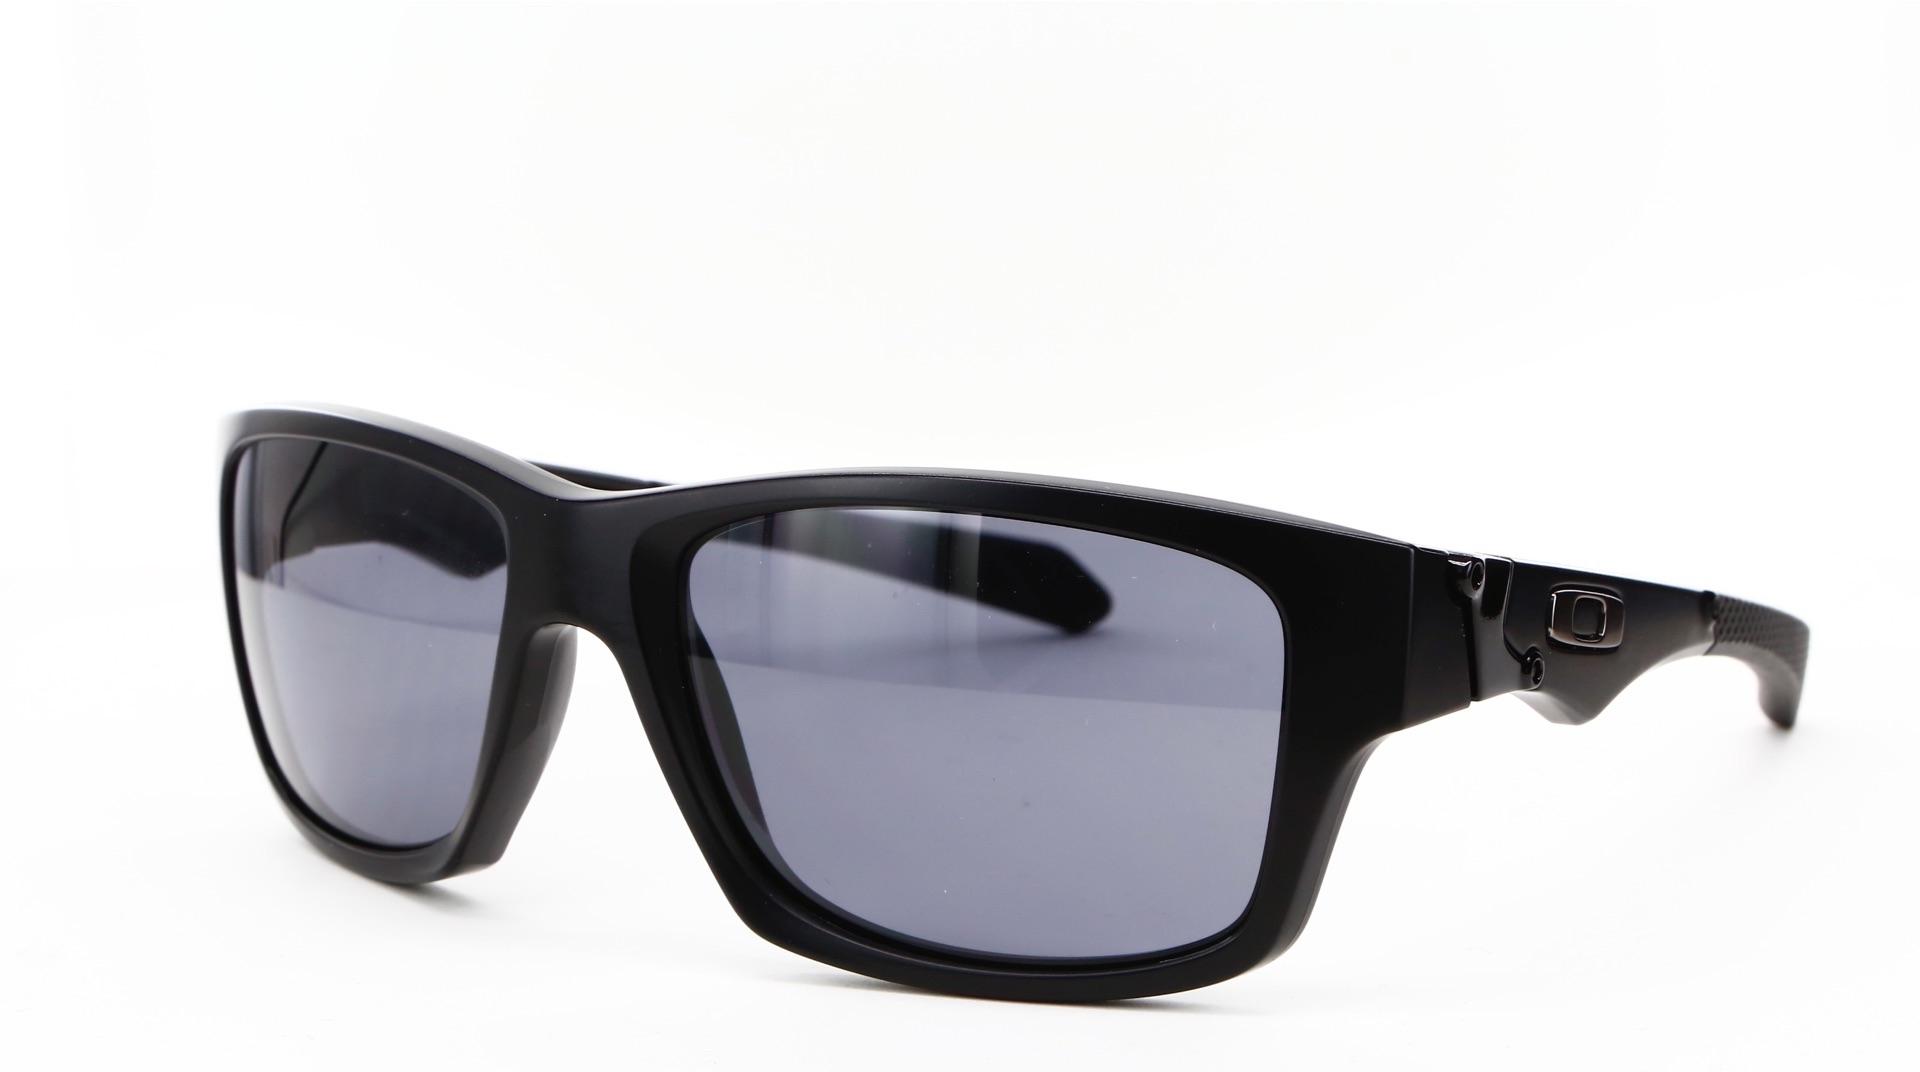 Oakley - ref: 74055